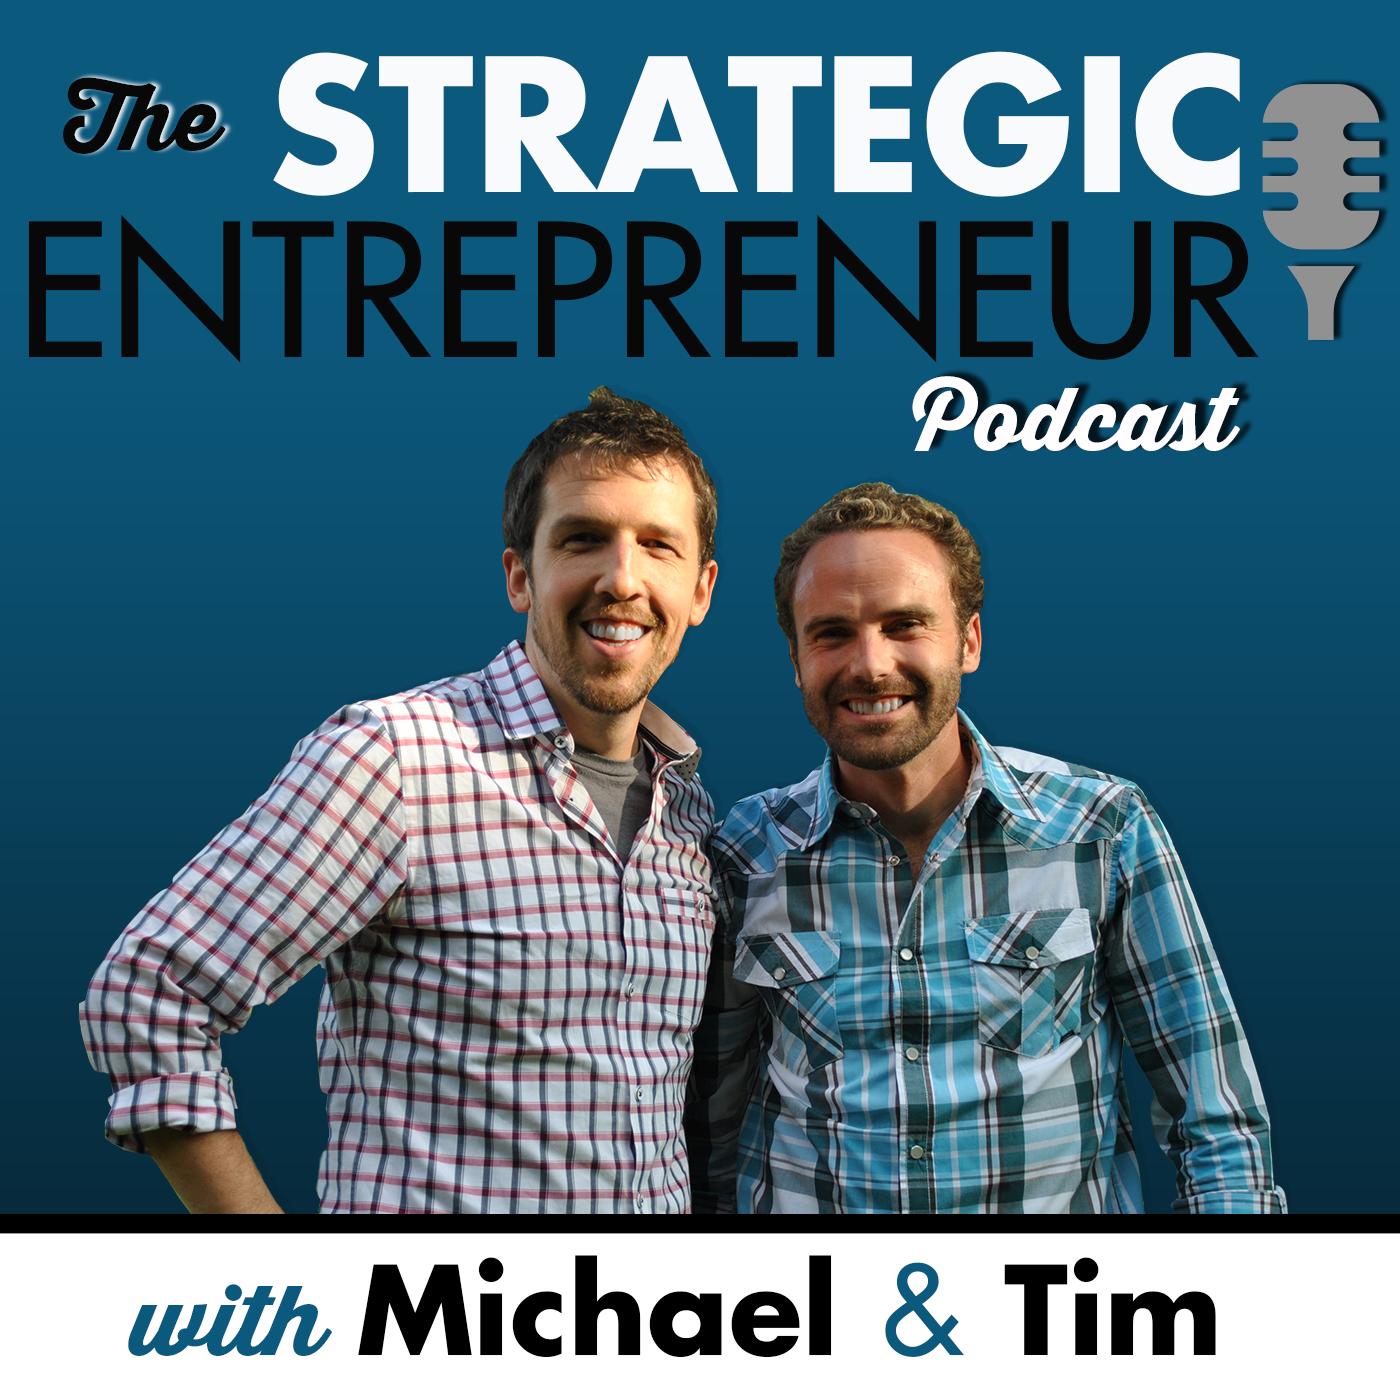 Strategic Entrepreneur Podcast